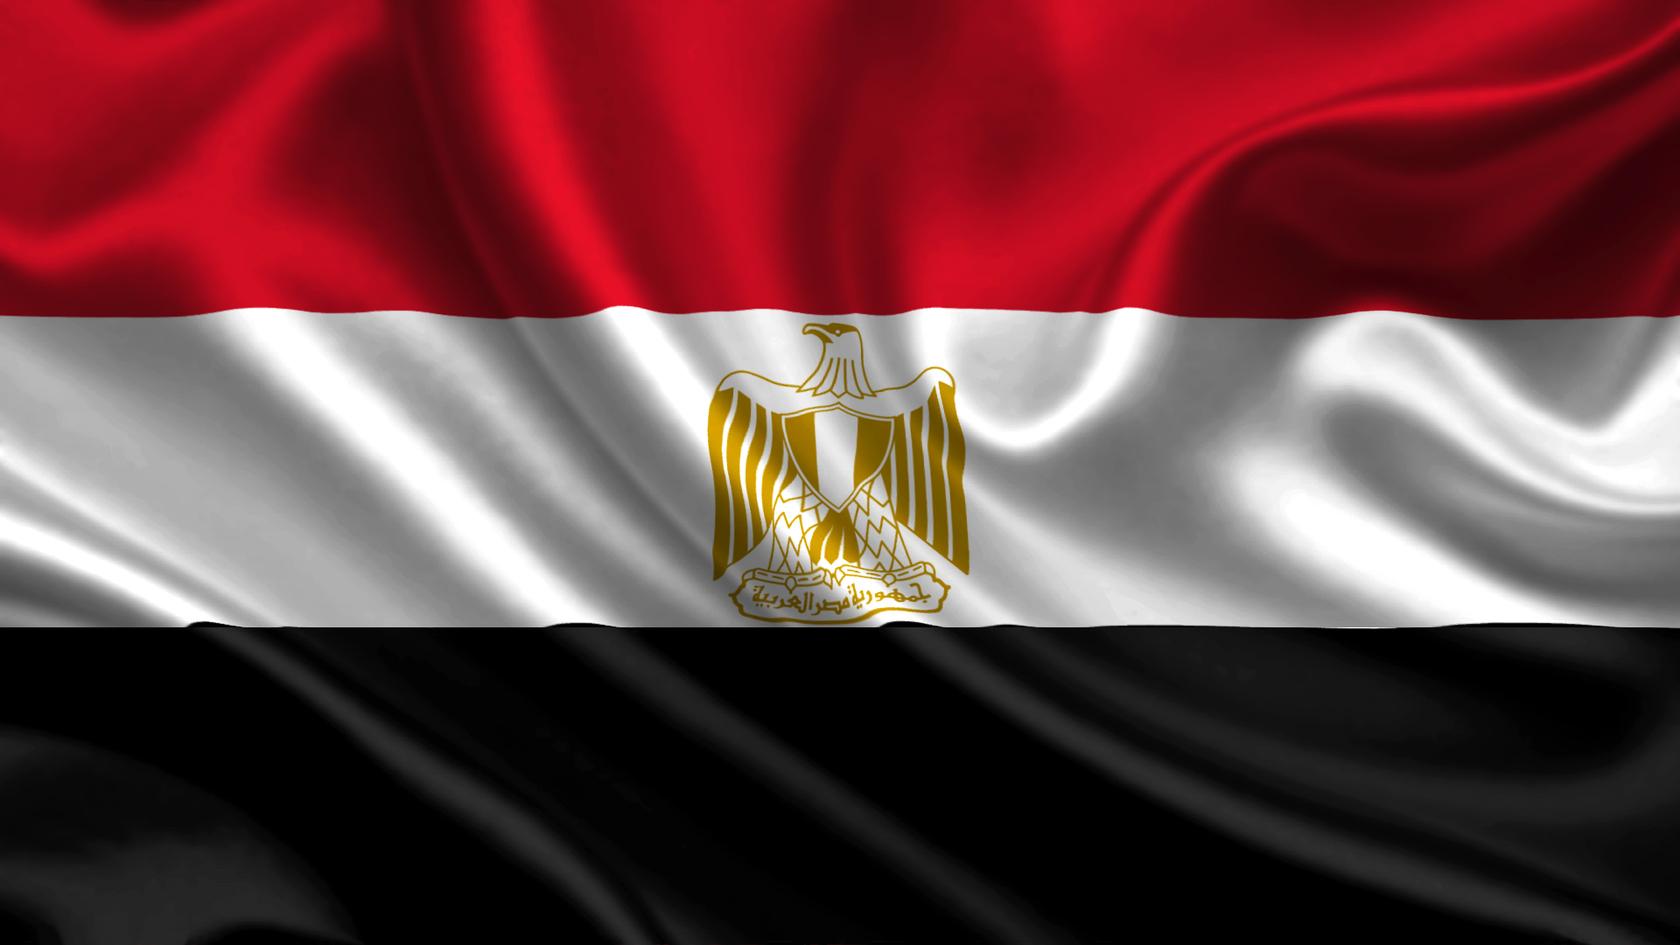 Консульская легализация для Египта - СПРАВКА ИНФОРМ | SpravkaInform.com.ua